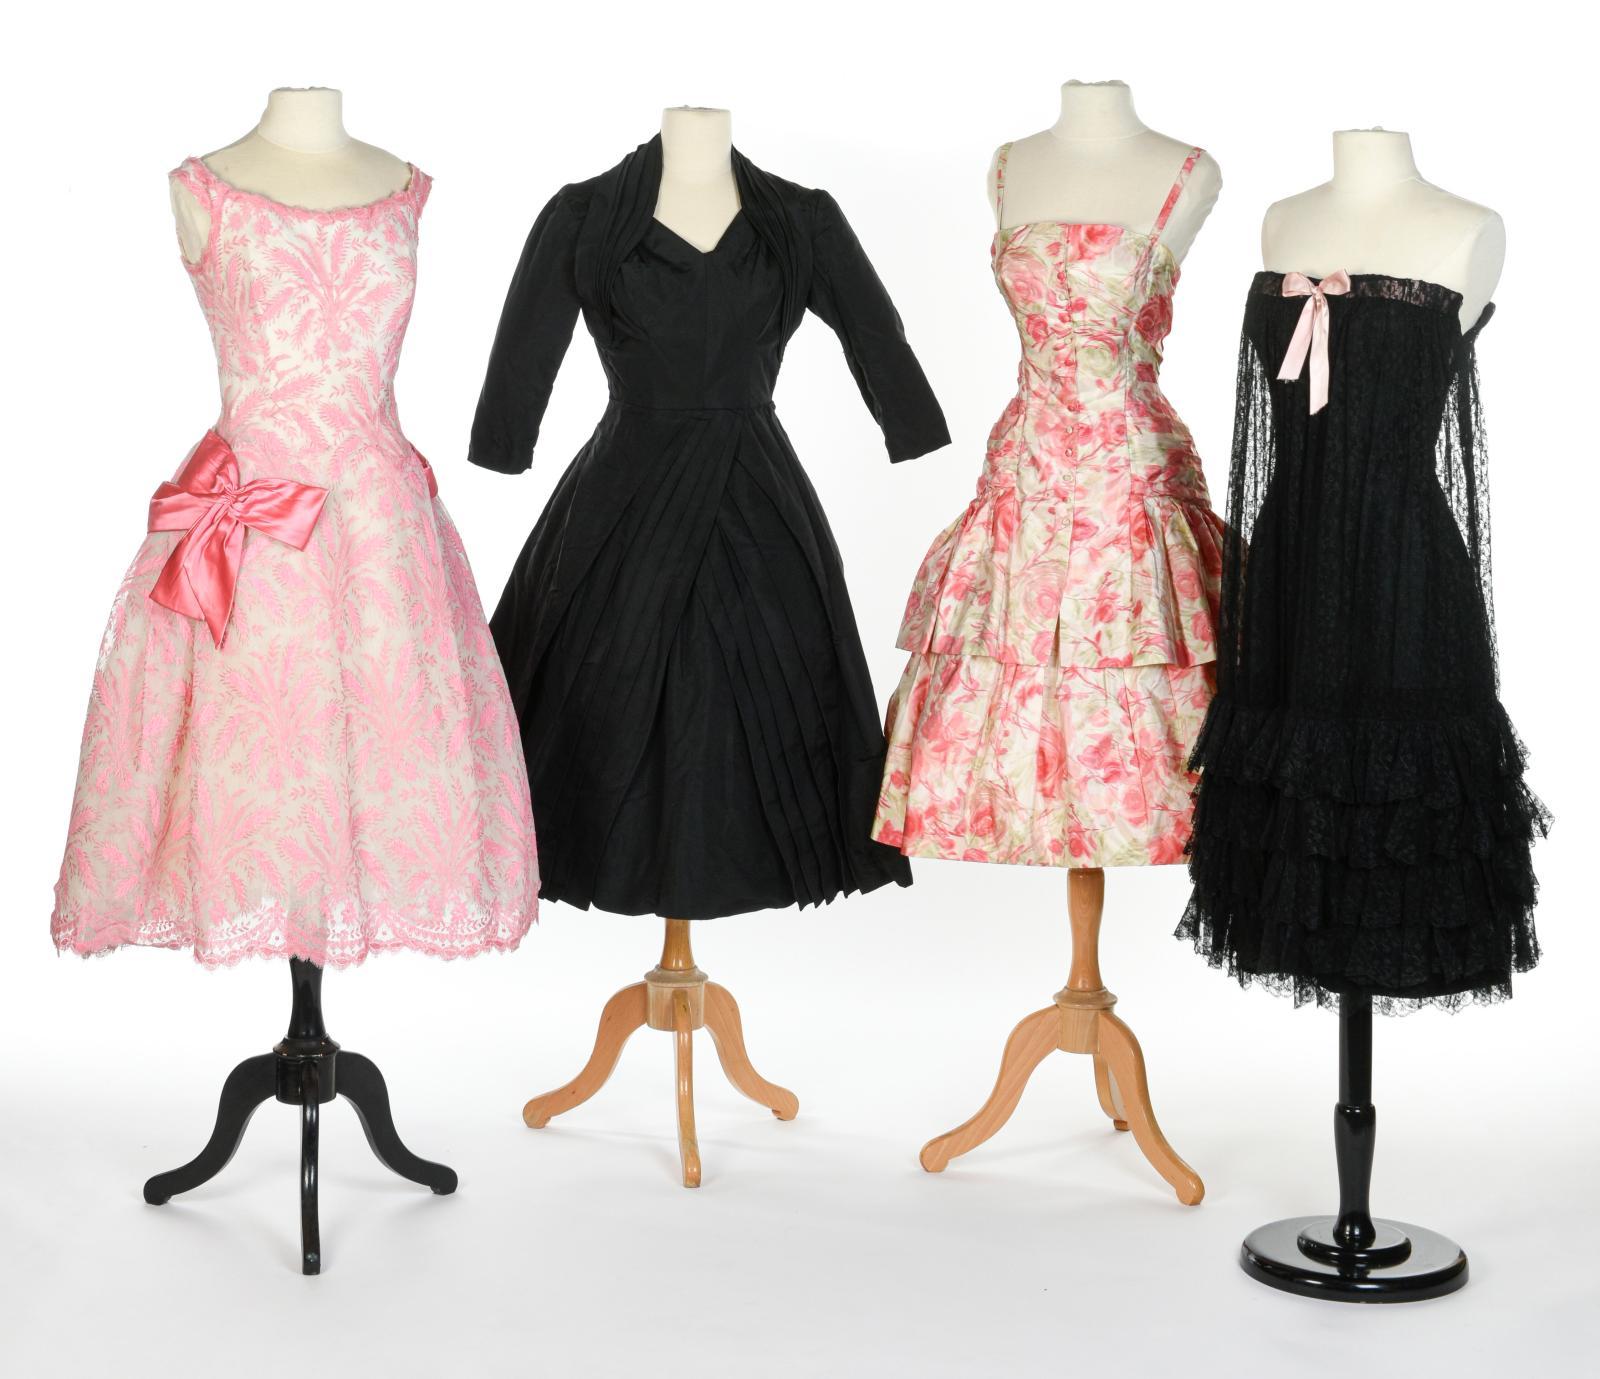 Four cocktail and evening dresses of 1950: Jacques Heim, Christian Dior, Carven, Balenciaga.Estimate: €800/1,200, €1,500/2,500, €1,000/1,